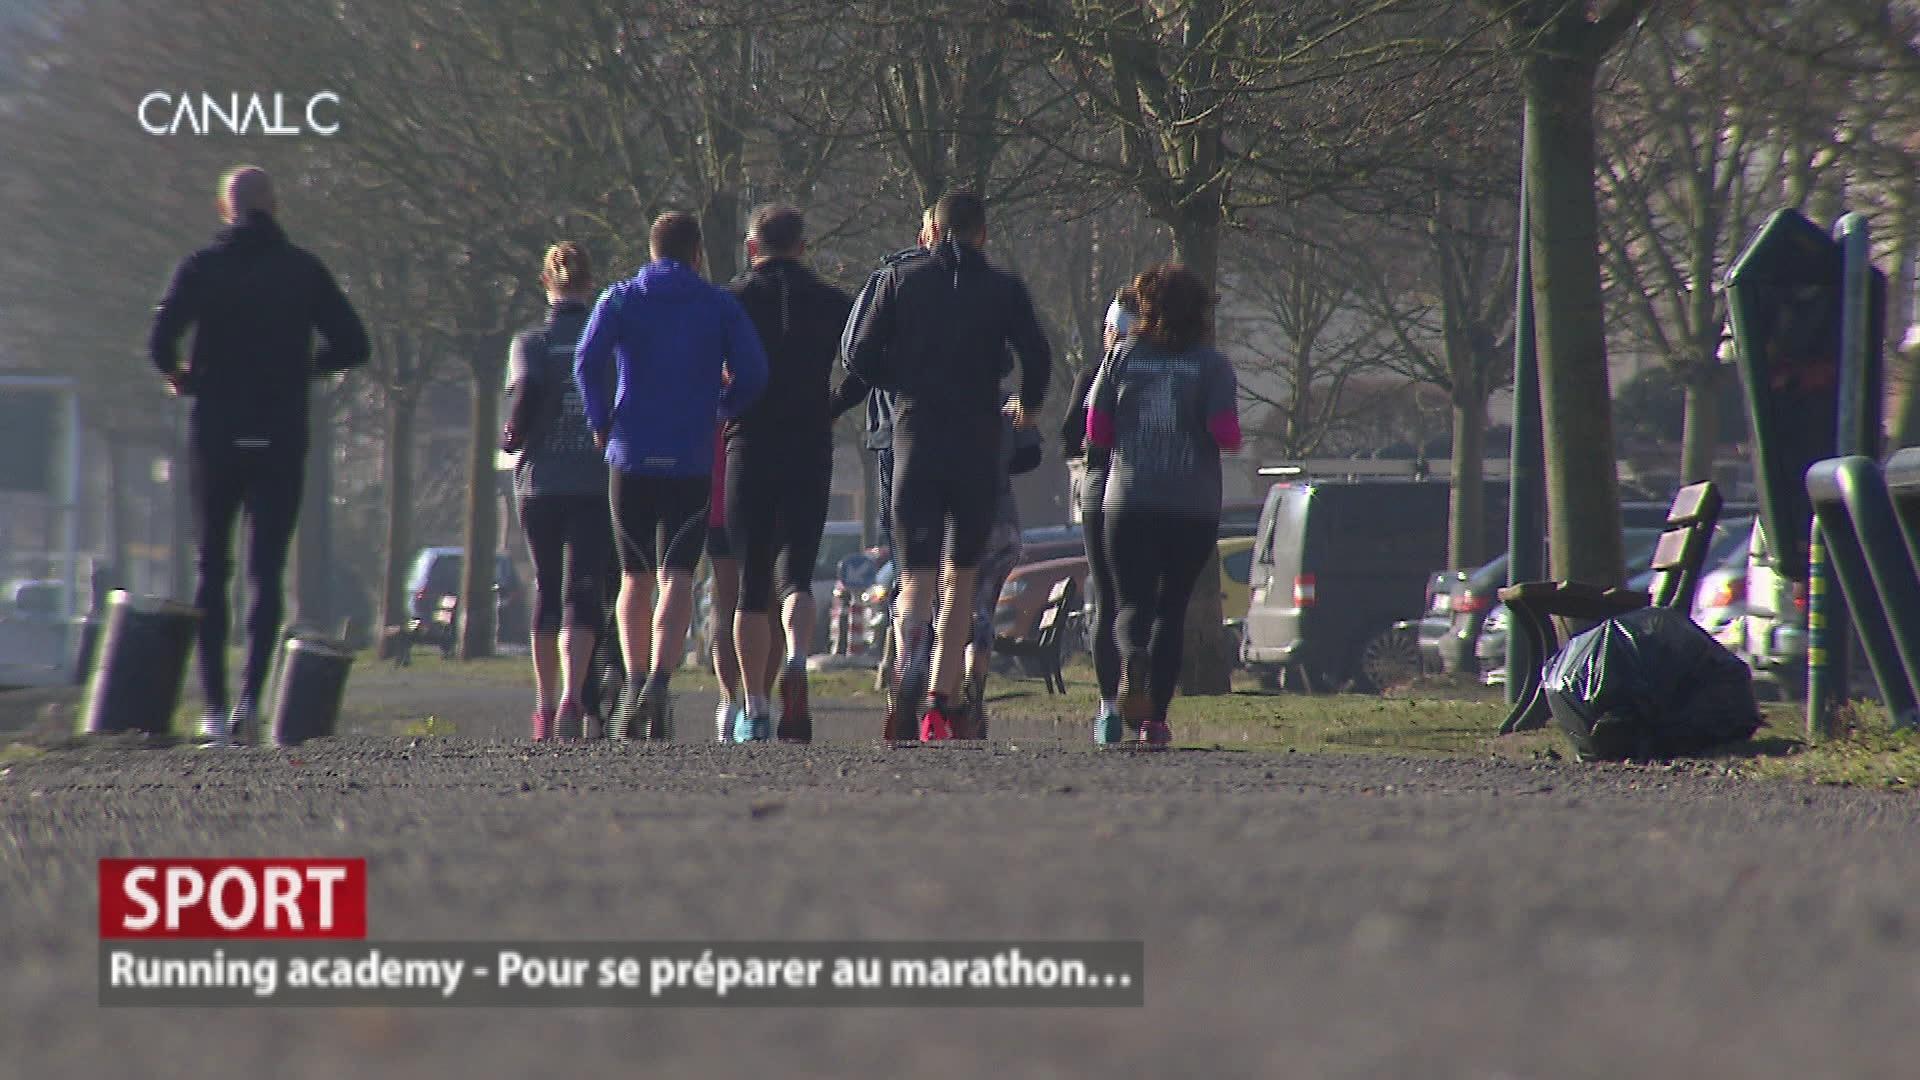 La Running Academy, l'endroit idéal pour se préparer au Marathon de Namur